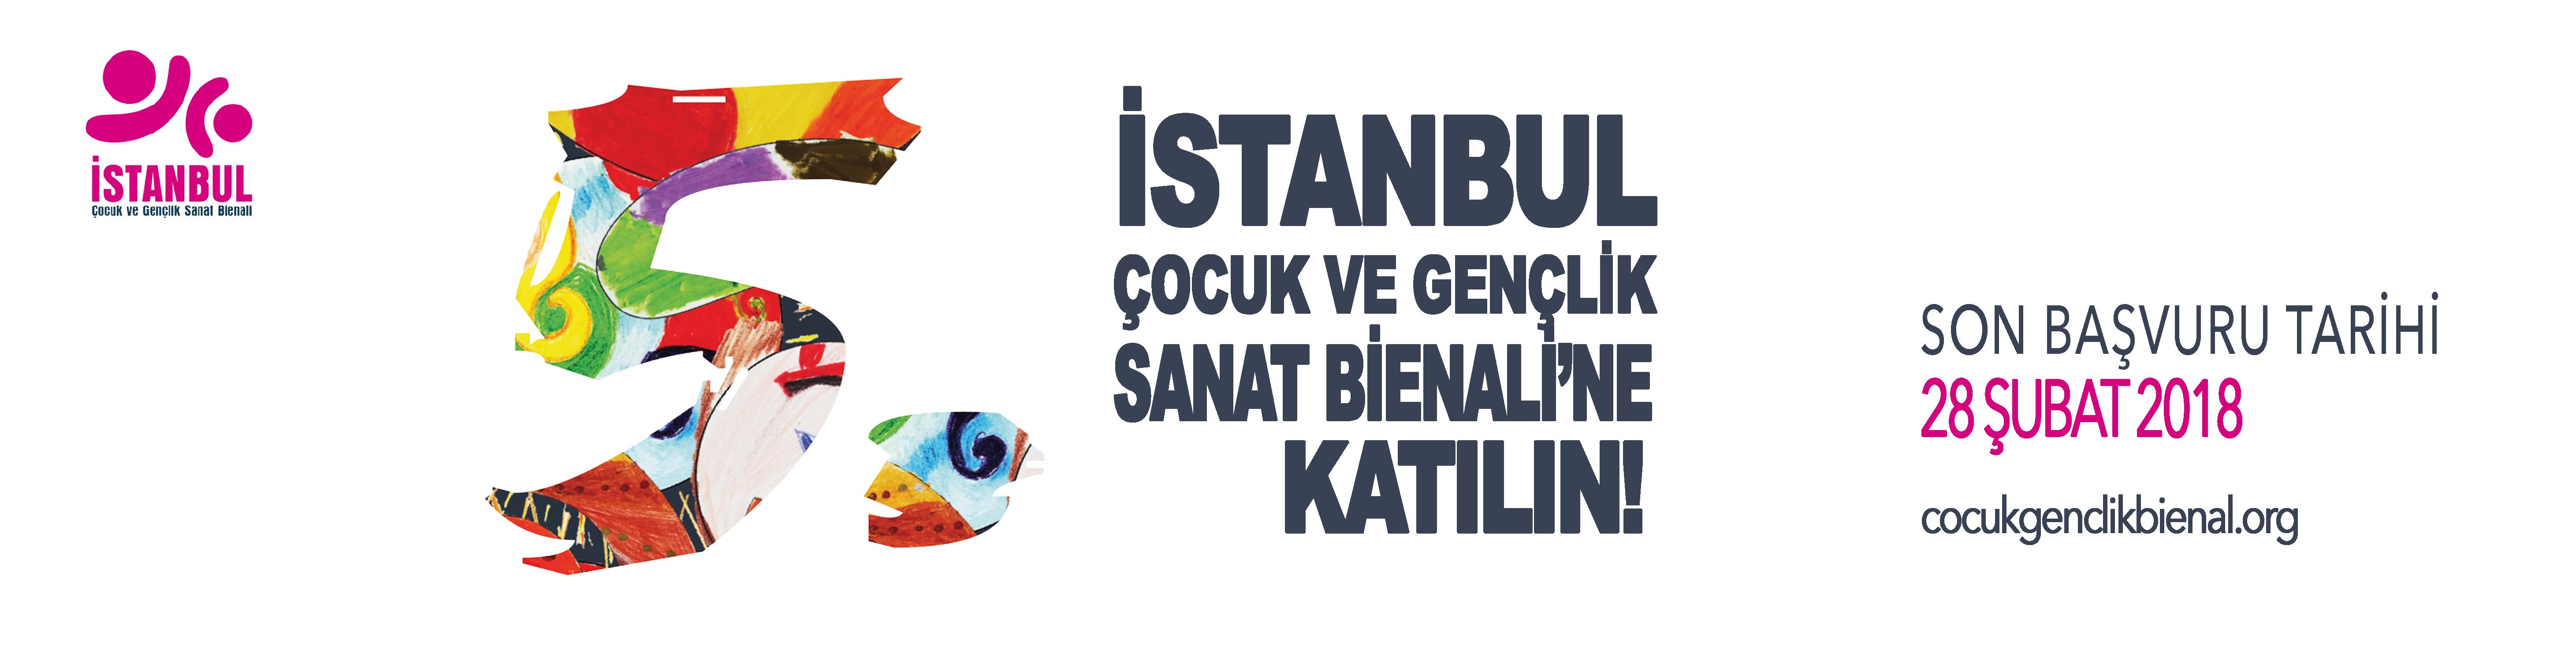 5_bienal_şerit_turkce_28